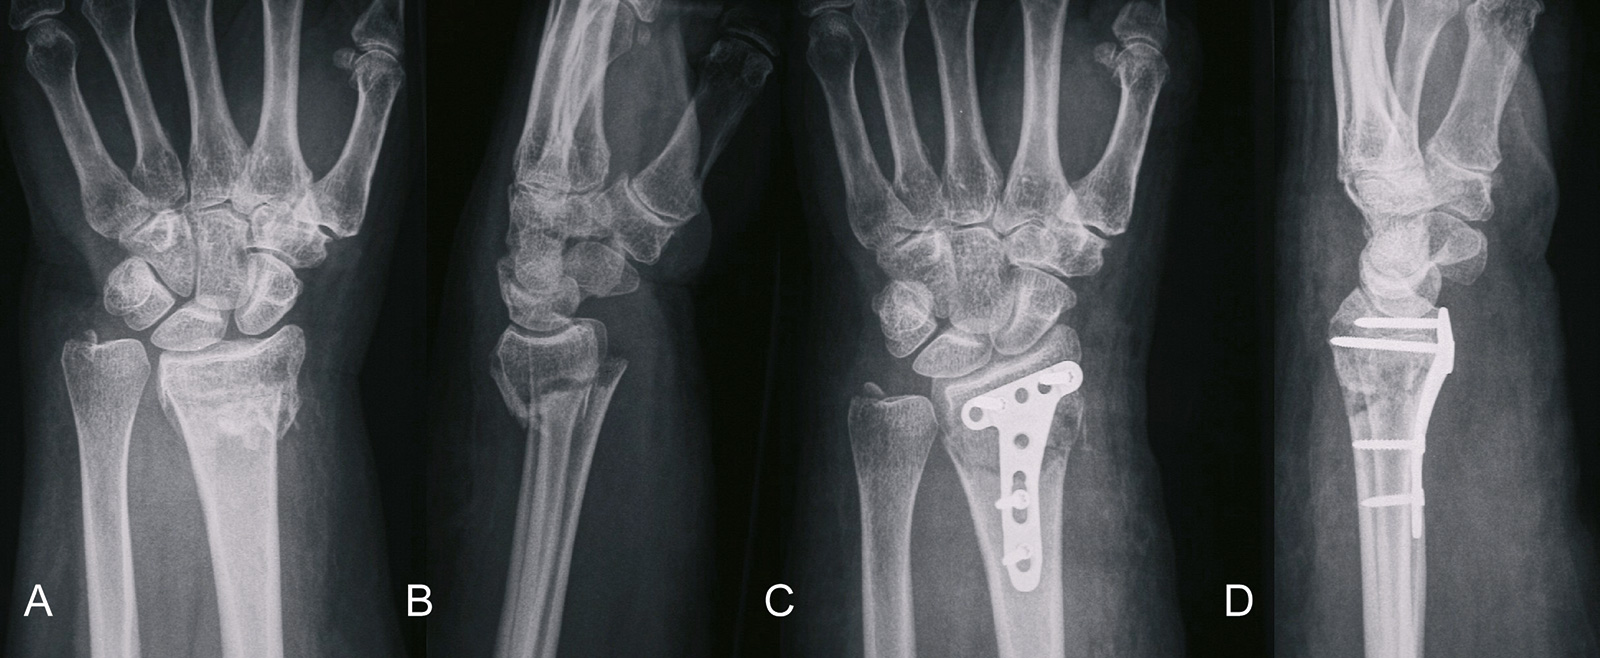 Abb. 3-91: A3 Fraktur des distalen Radius (A,B), Osteosynthese mit einer palmaren winkelstabilen Plattenosteosynthese (C,D)